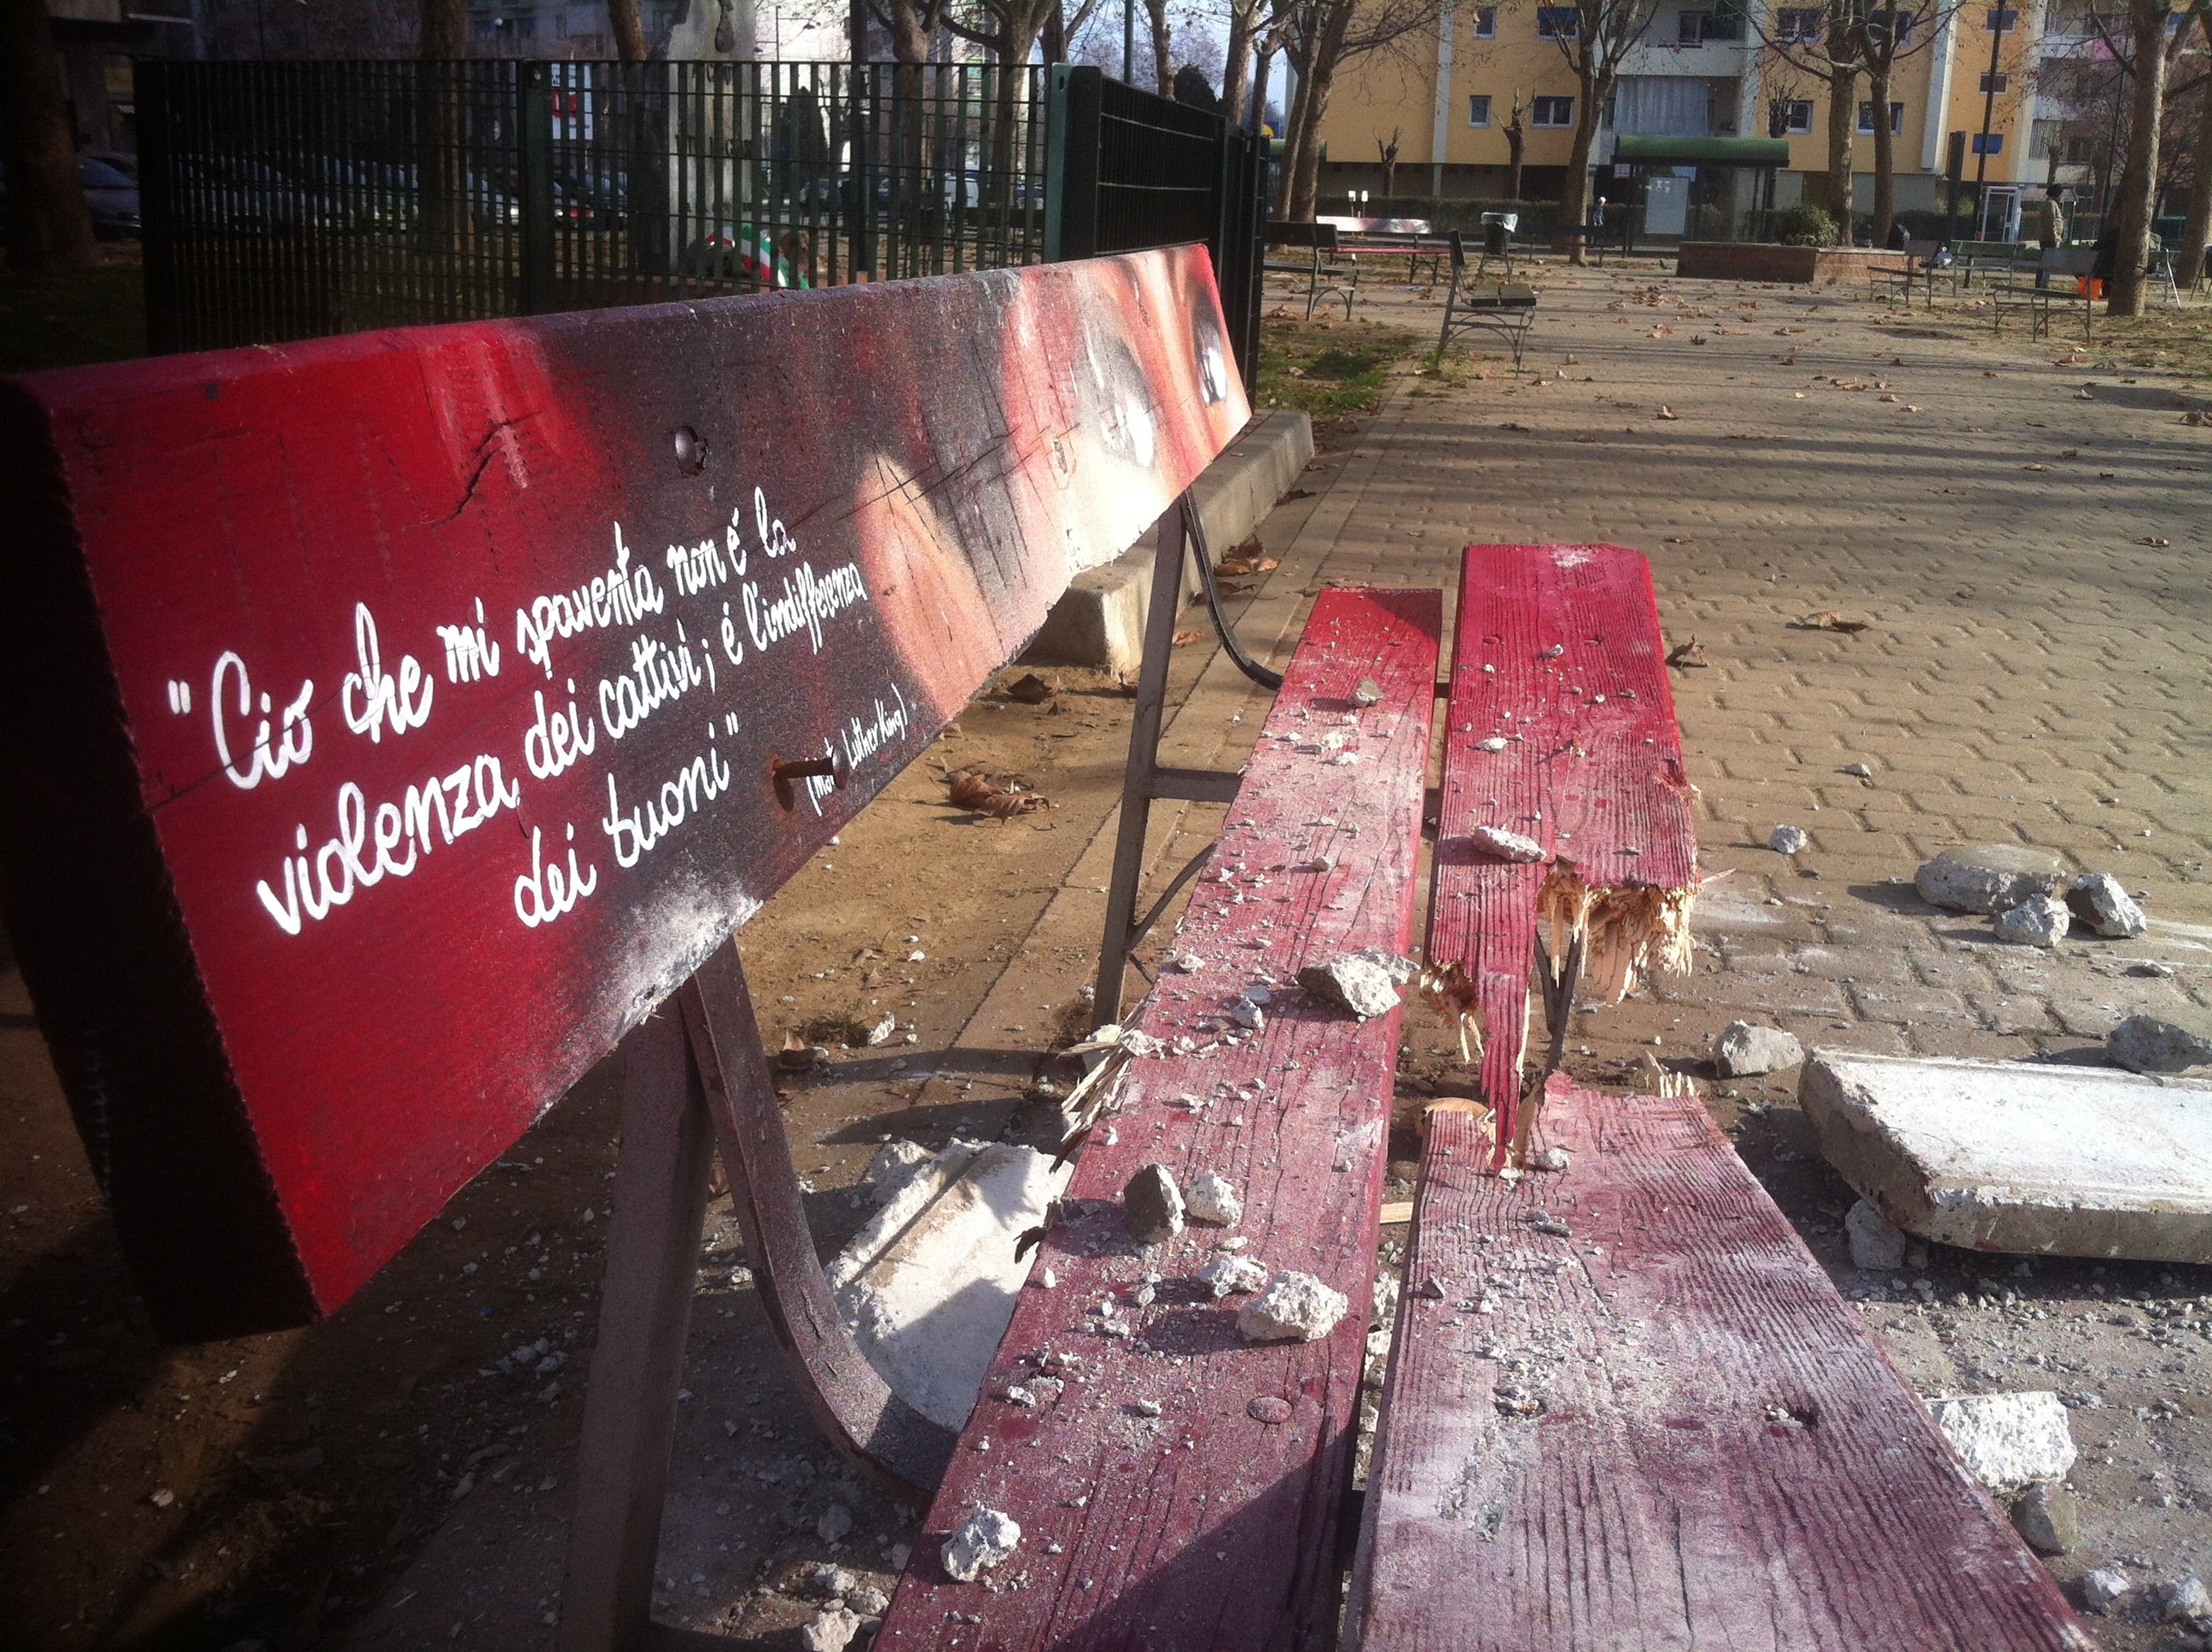 Panchina rossa vandalizzata in piazza Bottesini